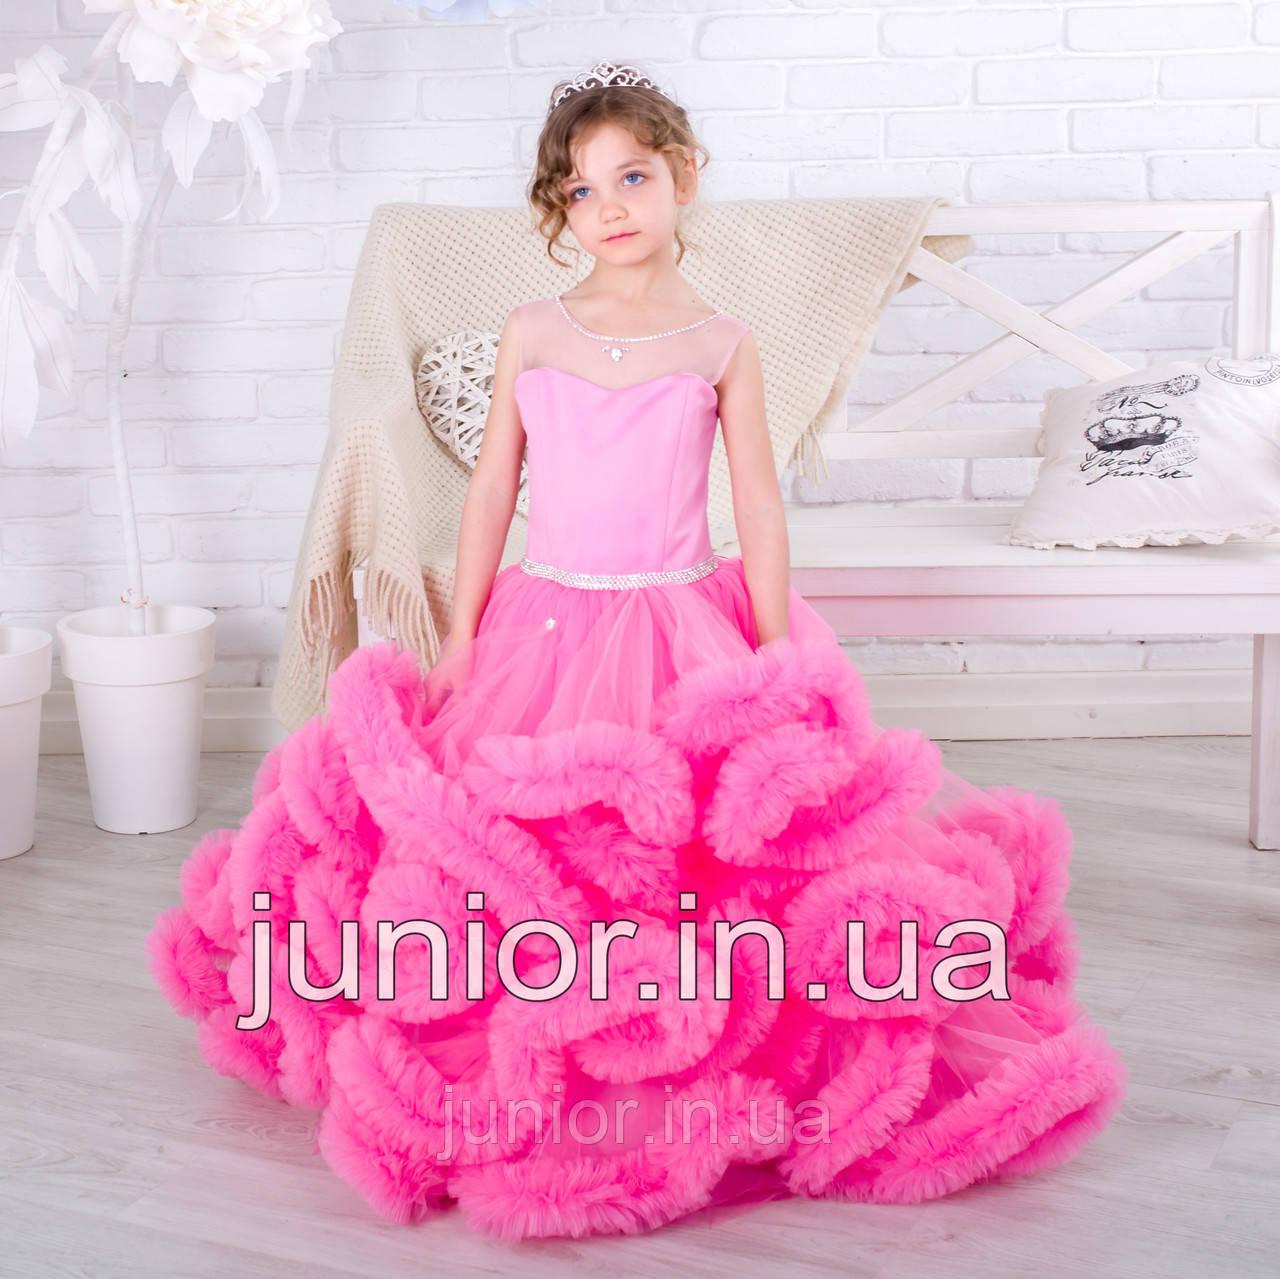 c57f614450f Нарядное бальное платье для девочки